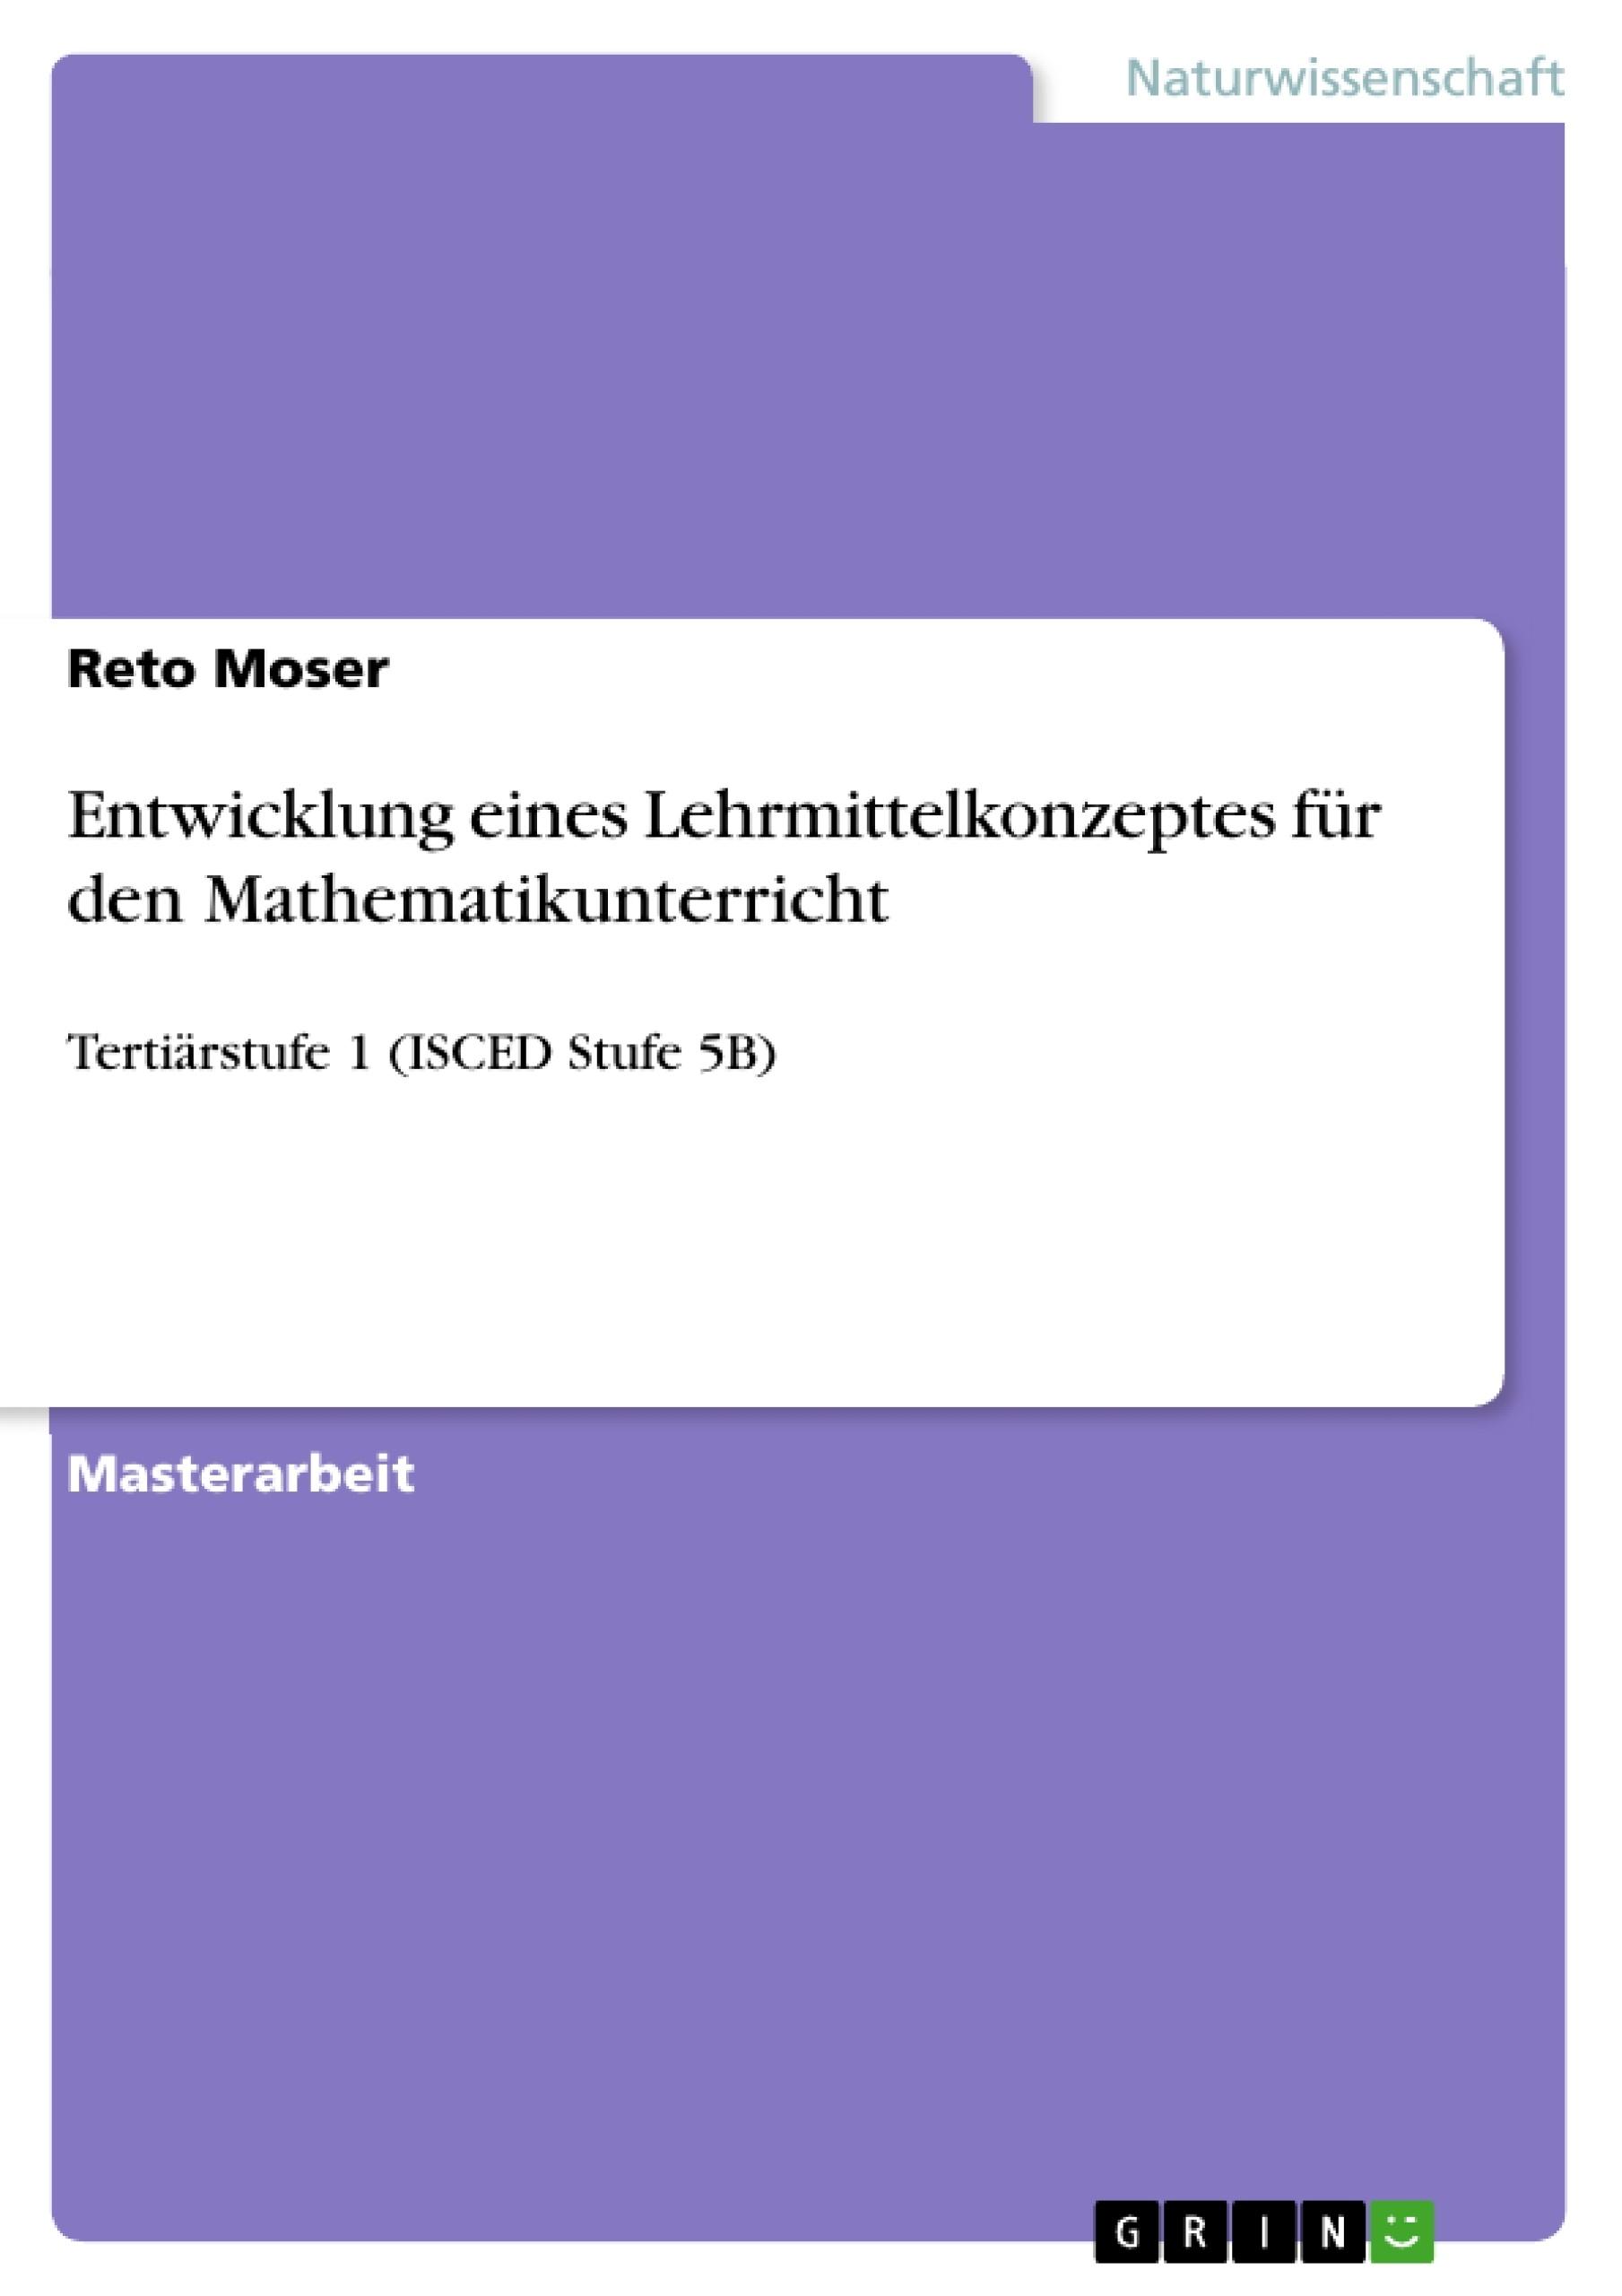 Titel: Entwicklung eines Lehrmittelkonzeptes für den Mathematikunterricht